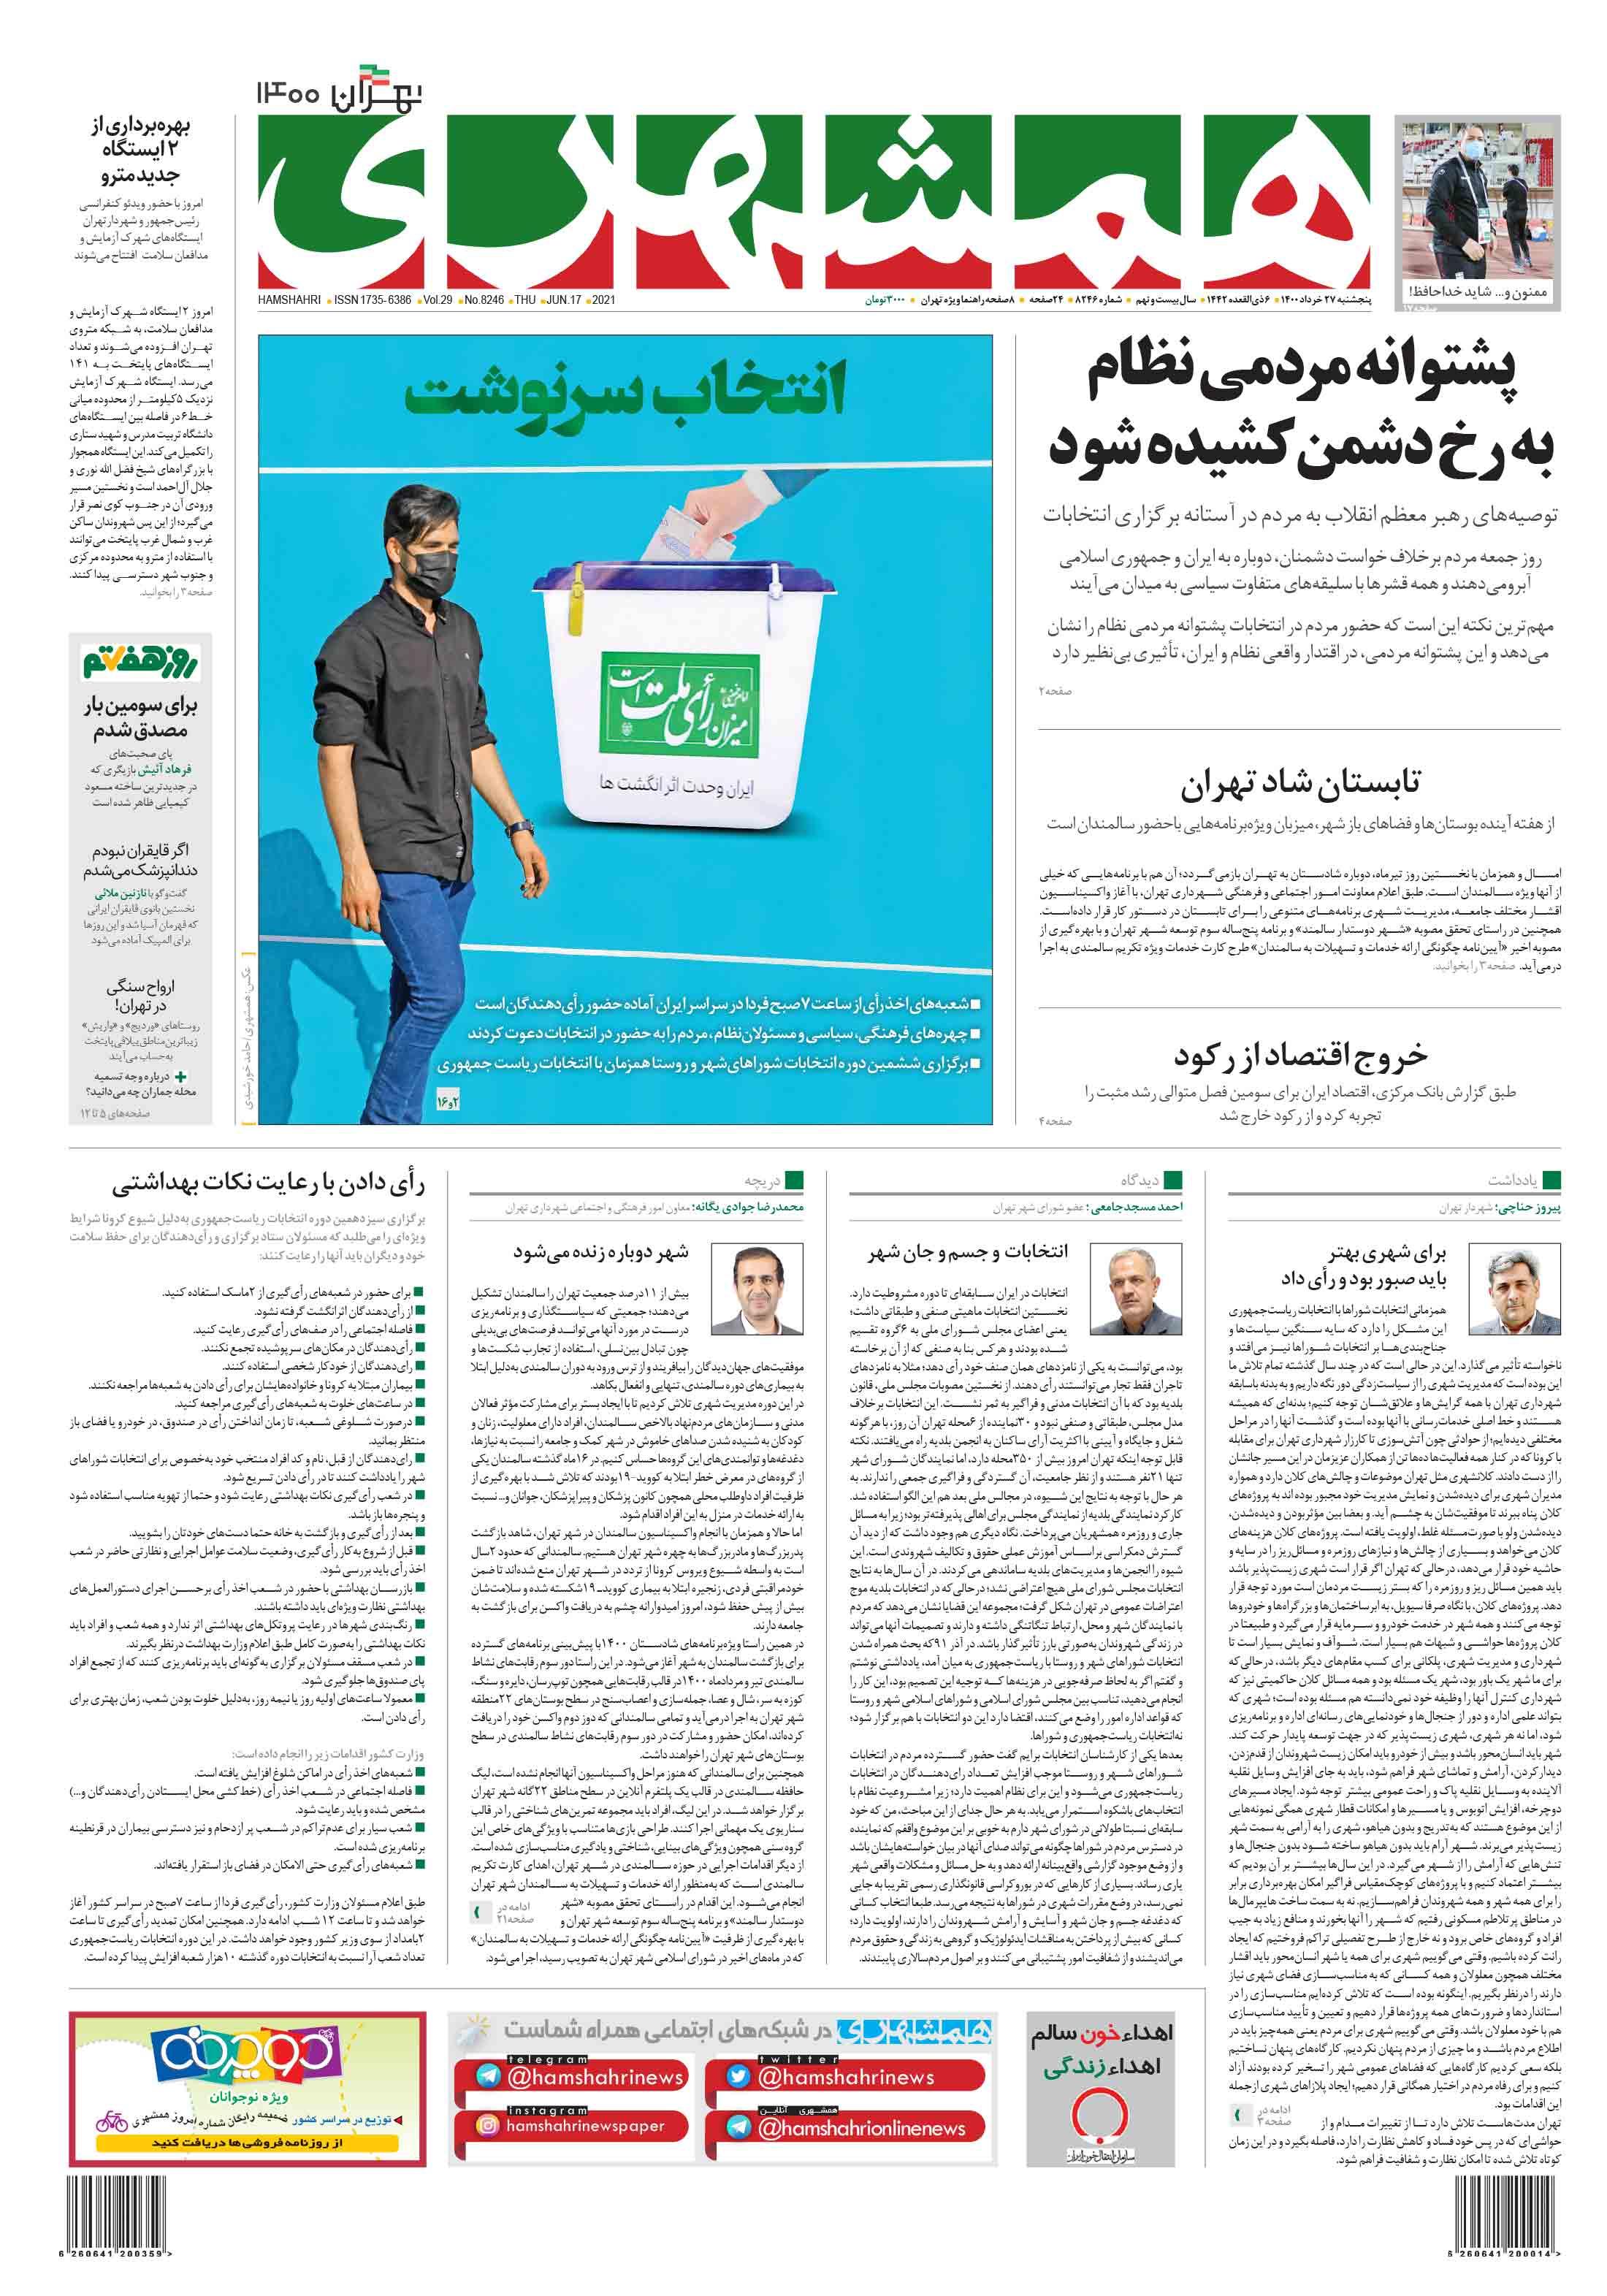 صفحه اول پنجشنبه 27خرداد 1400